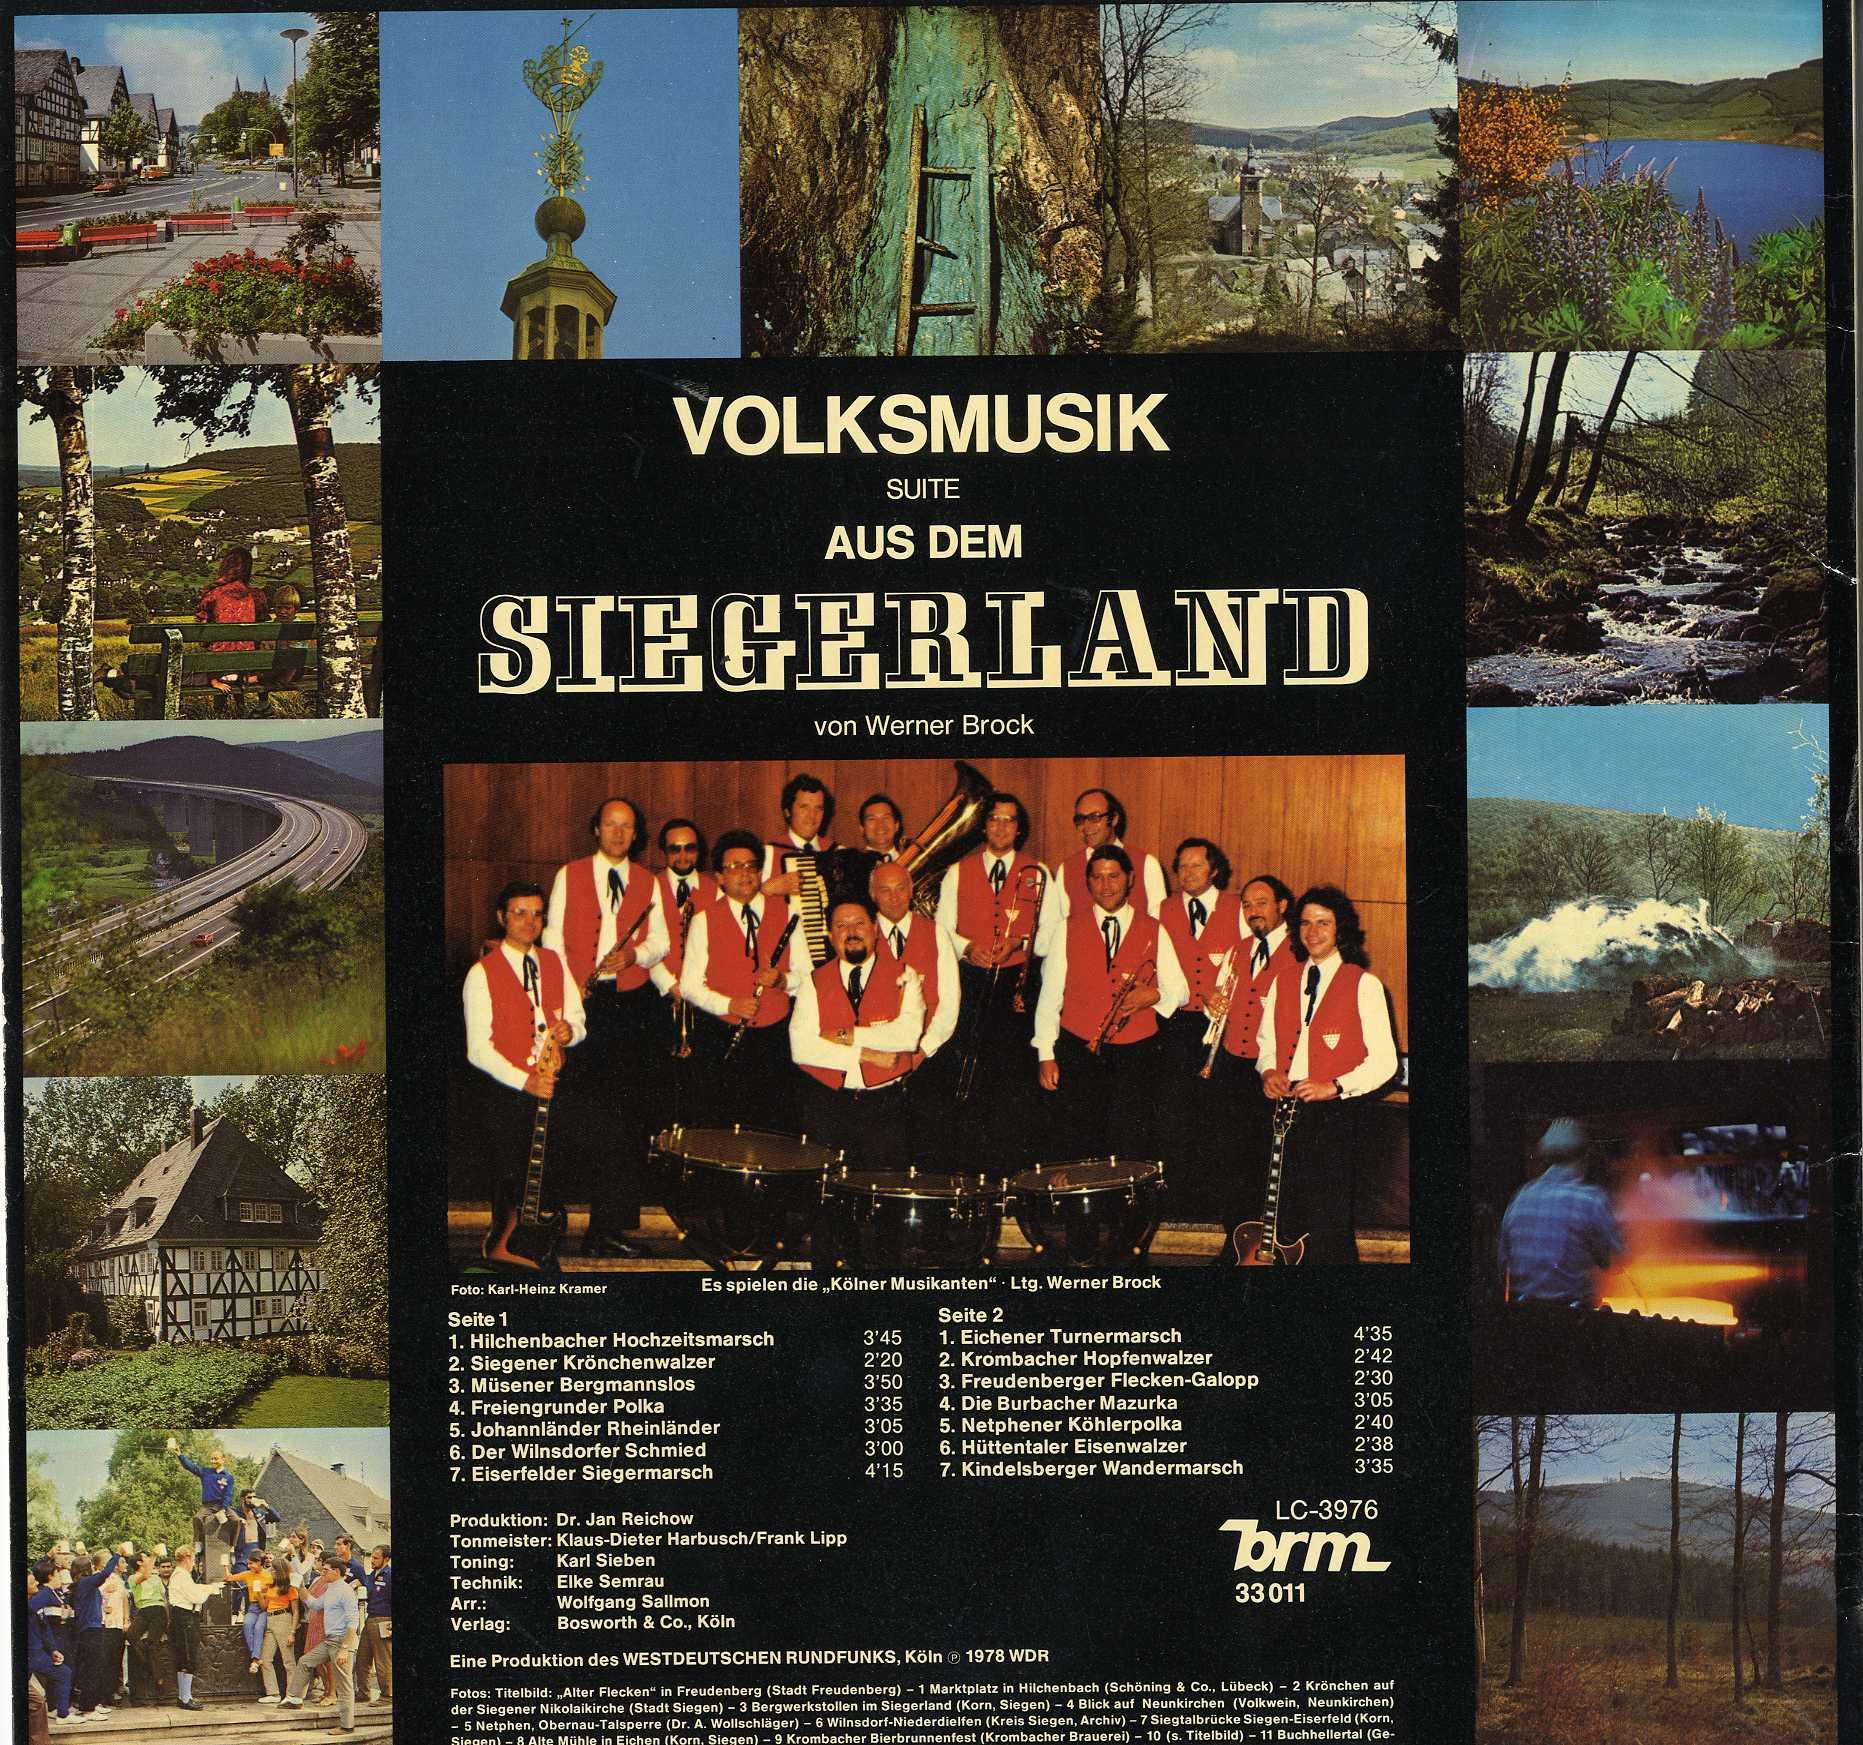 Volksmusik-Siegerland-Rückseite